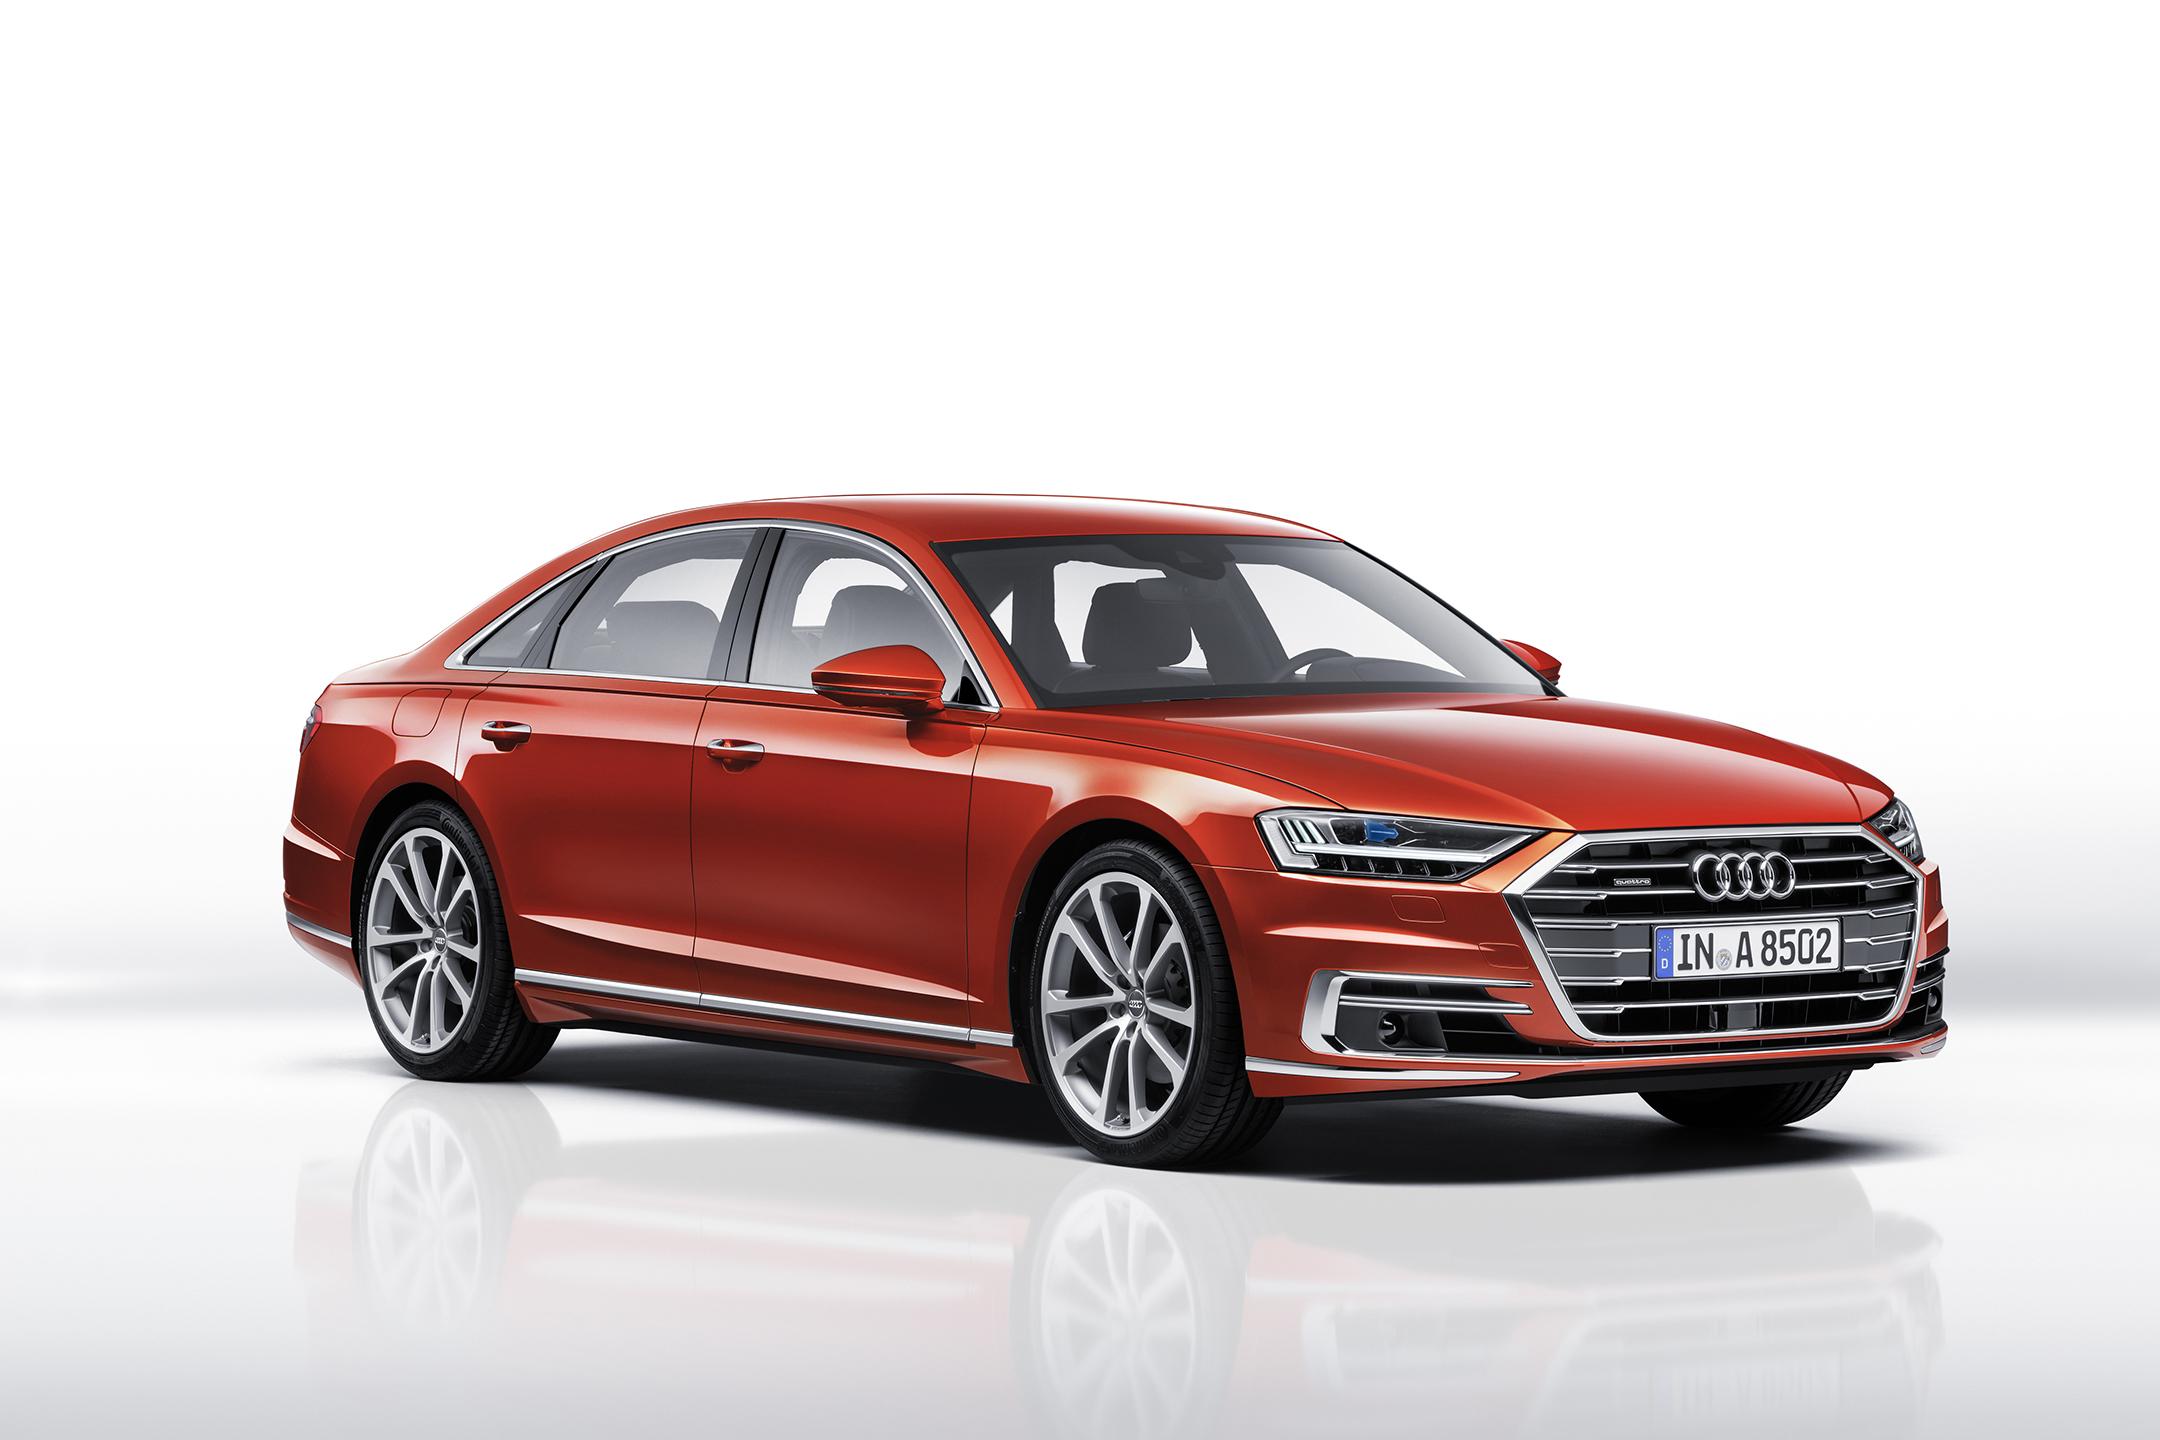 Audi A8 - 2017 - front side-face  / profil avant